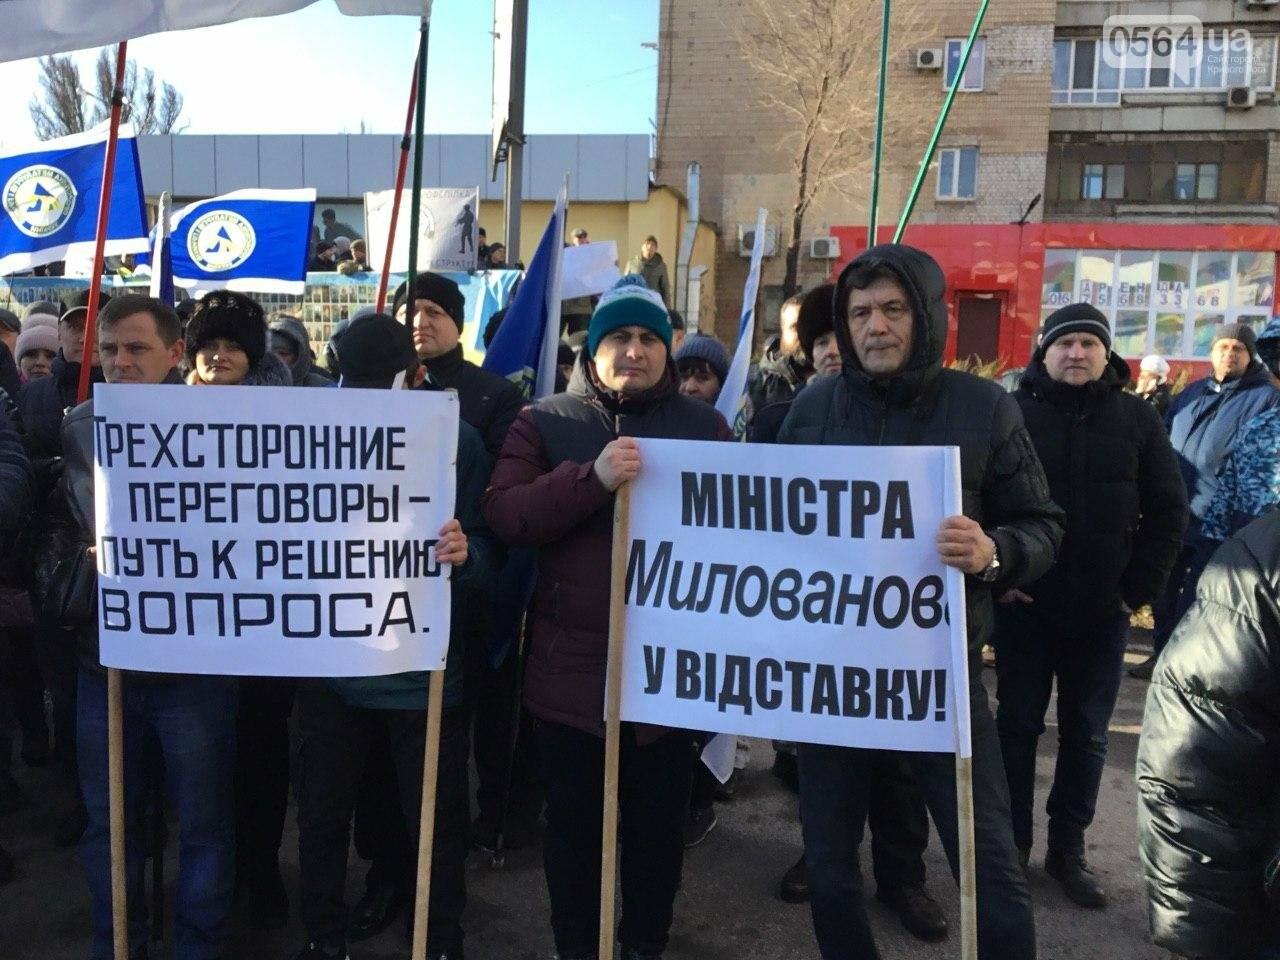 В Кривом Роге протестуют против принятия Радой нового трудового законодательства, - ФОТО, ВИДЕО, фото-3